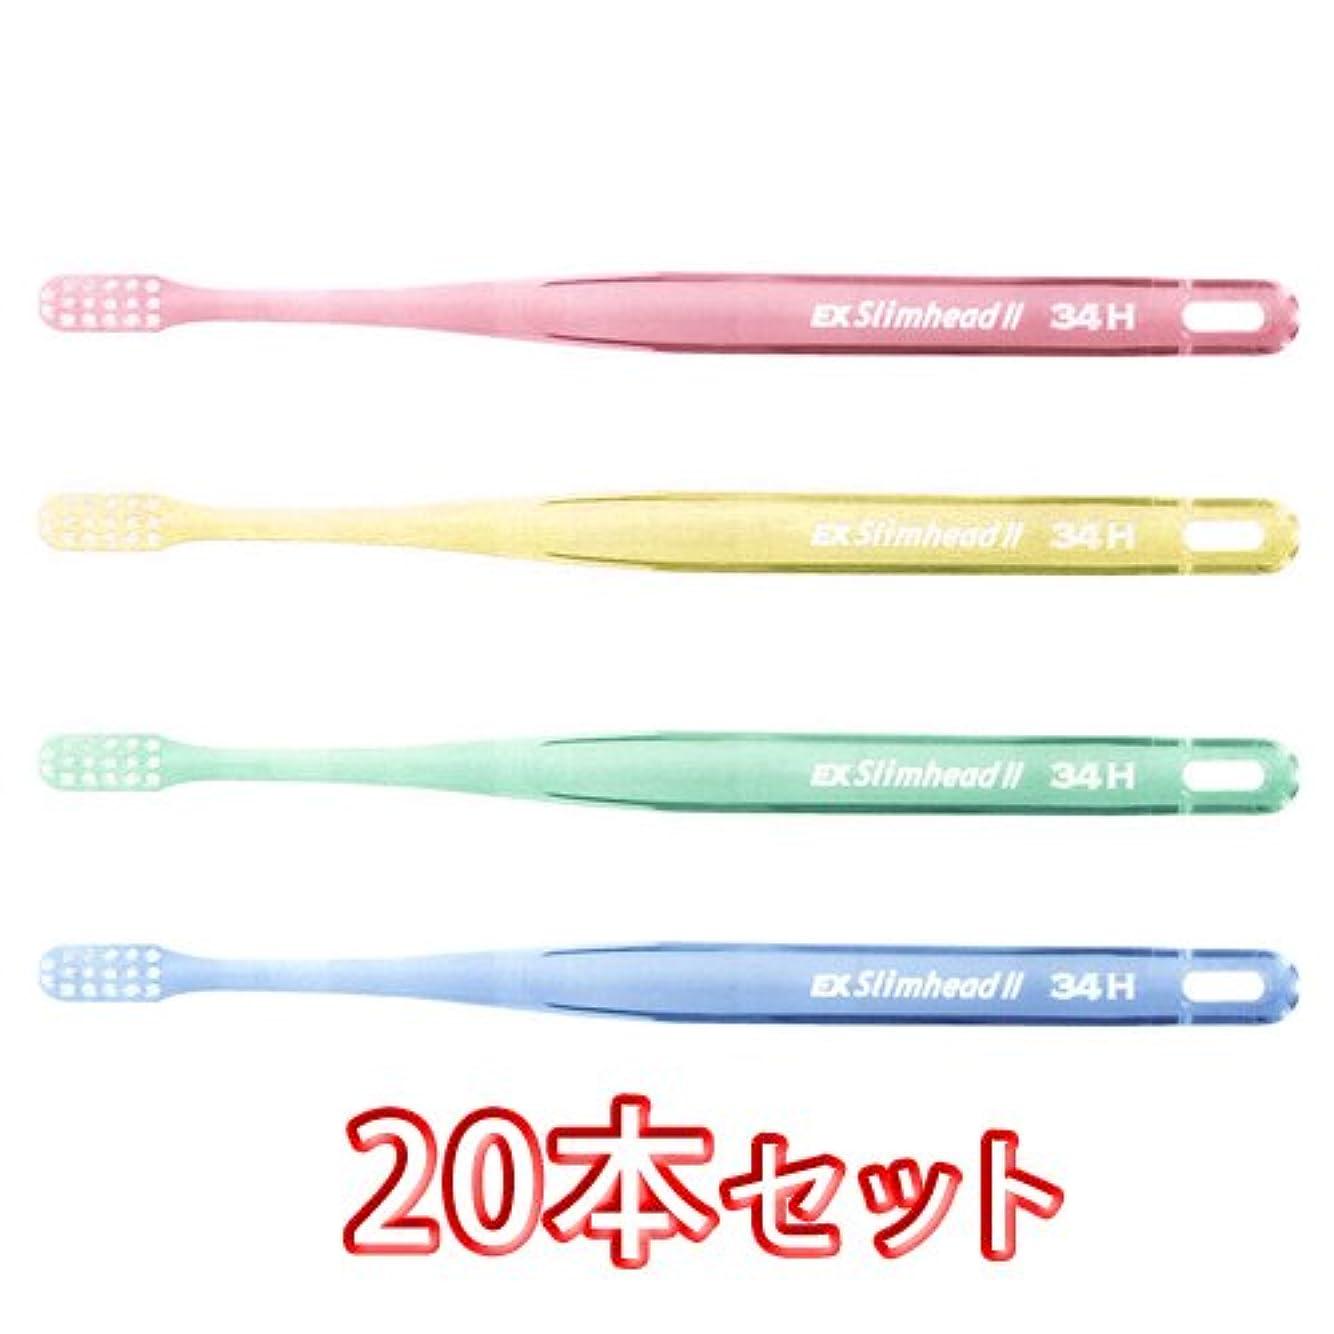 見る転送過敏なライオン スリムヘッド2 歯ブラシ DENT . EX Slimhead2 20本入 (34H)